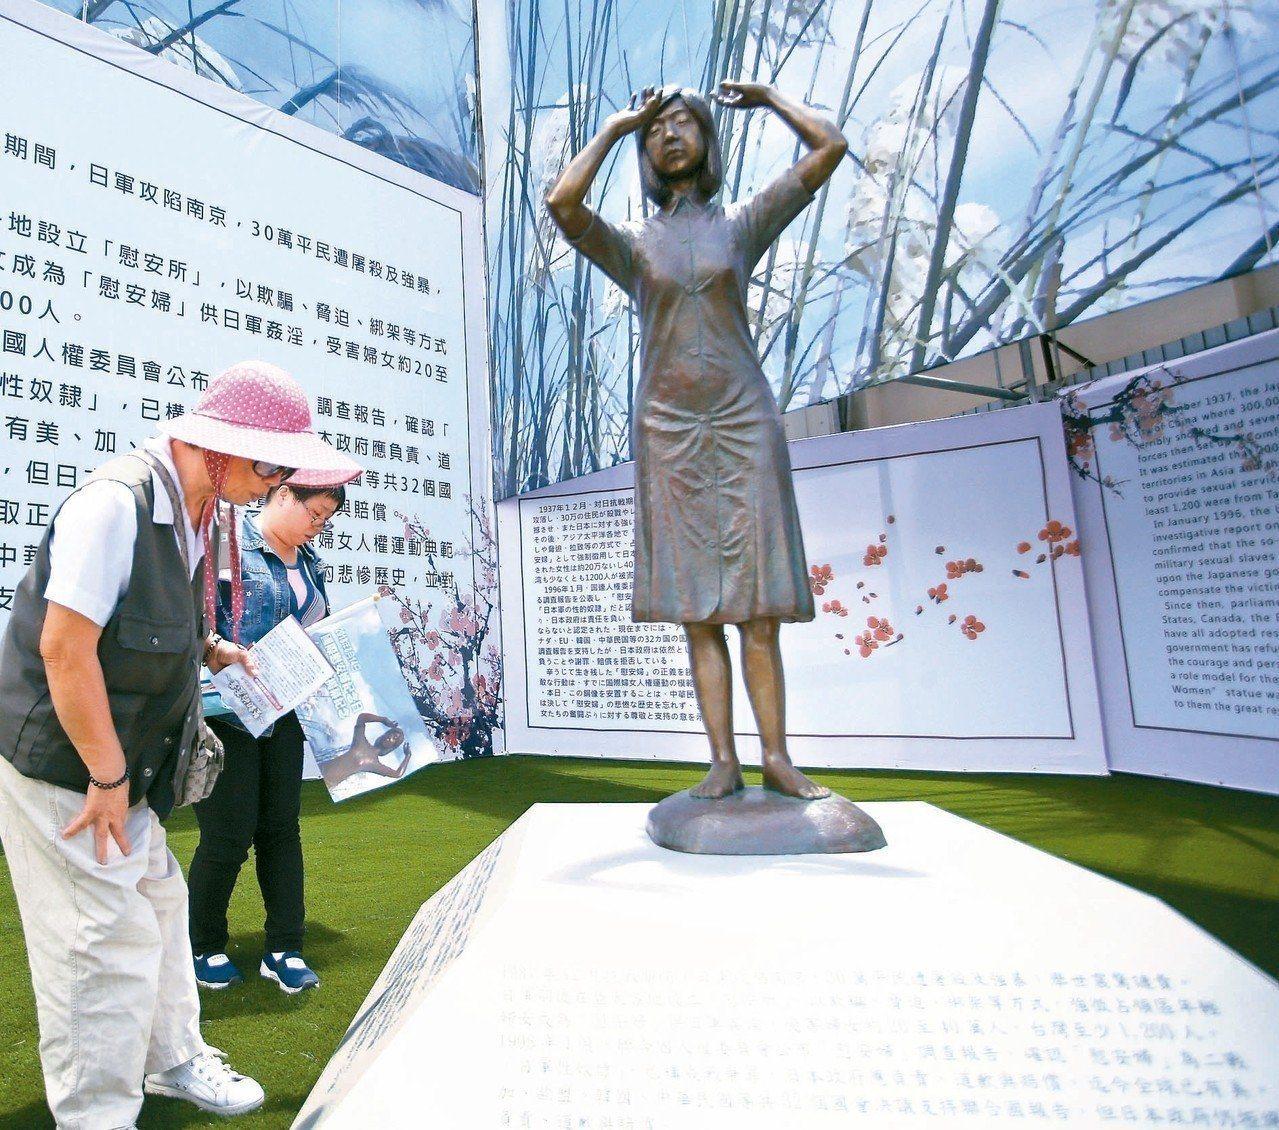 全台第一座慰安婦銅像昨天在台南揭幕,引來日媒的關注。 聯合報系資料照片